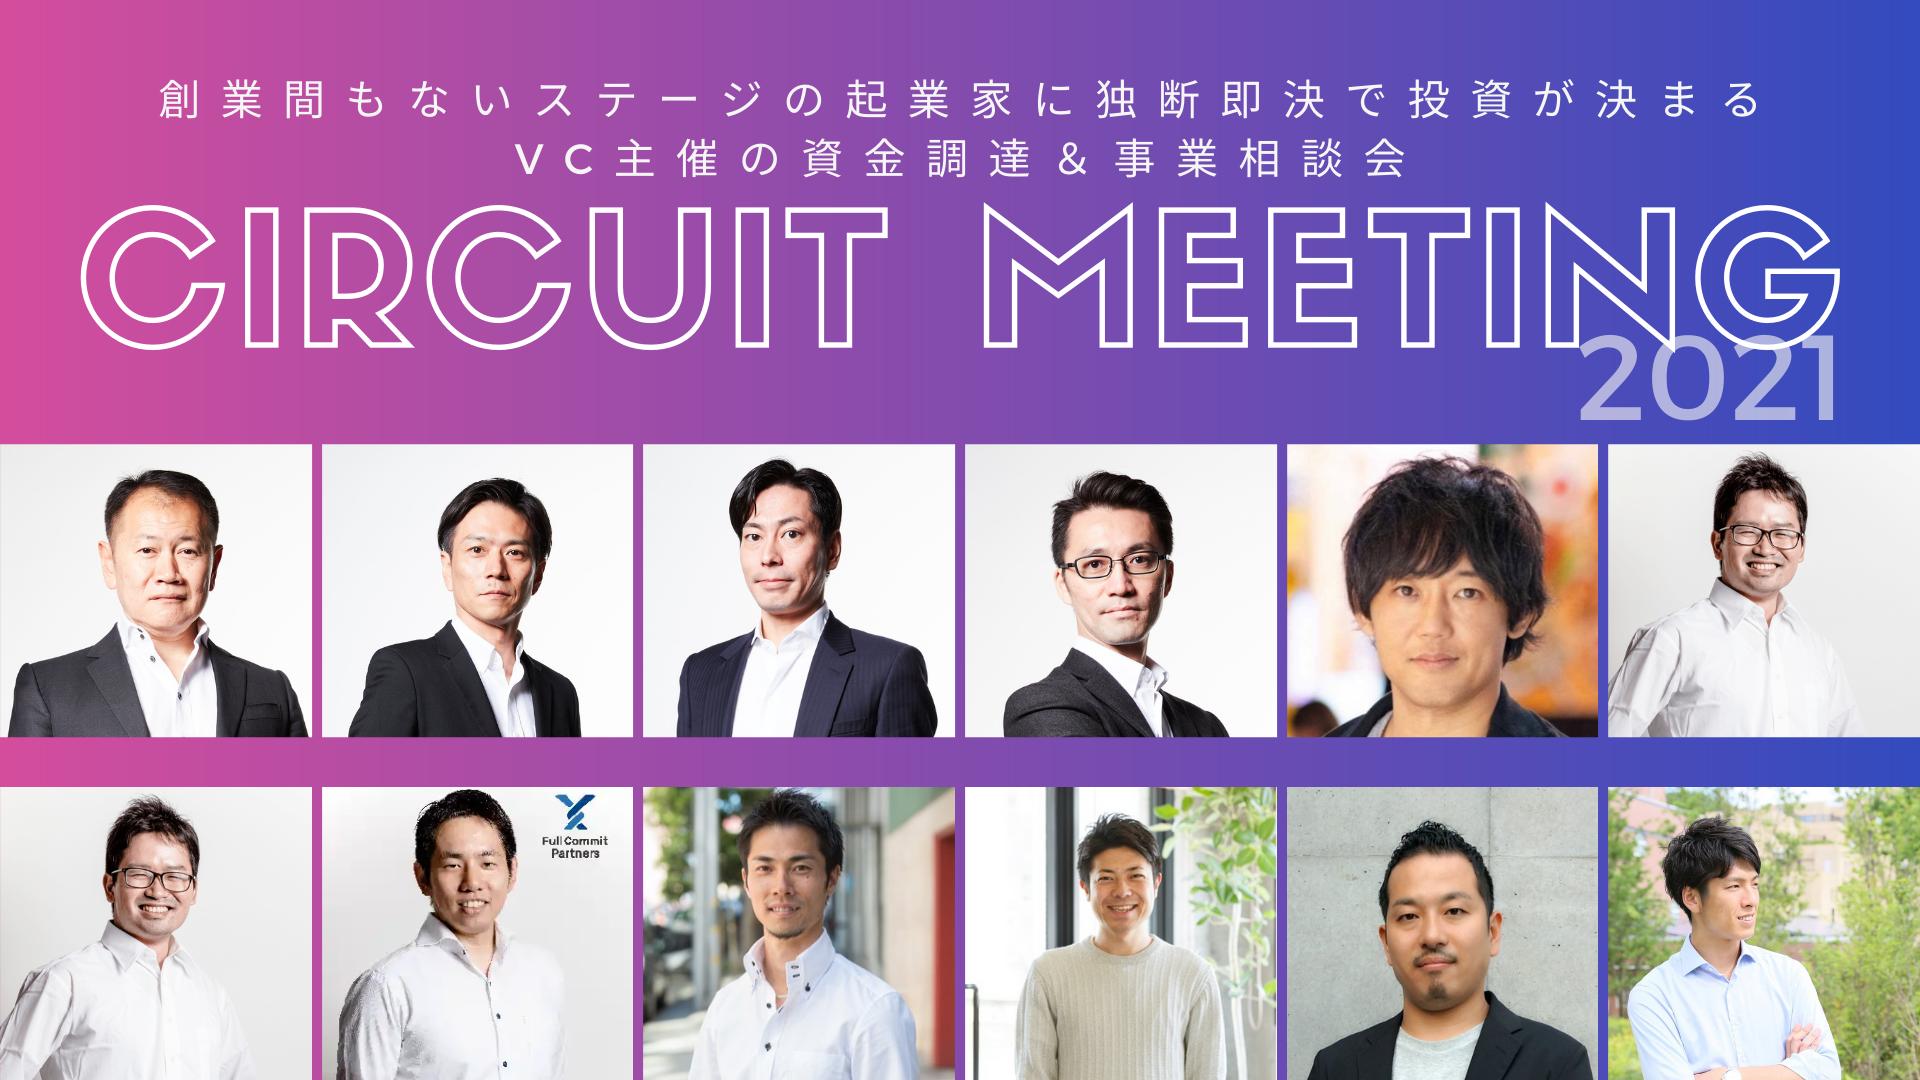 Circuit Meeting Vol.42